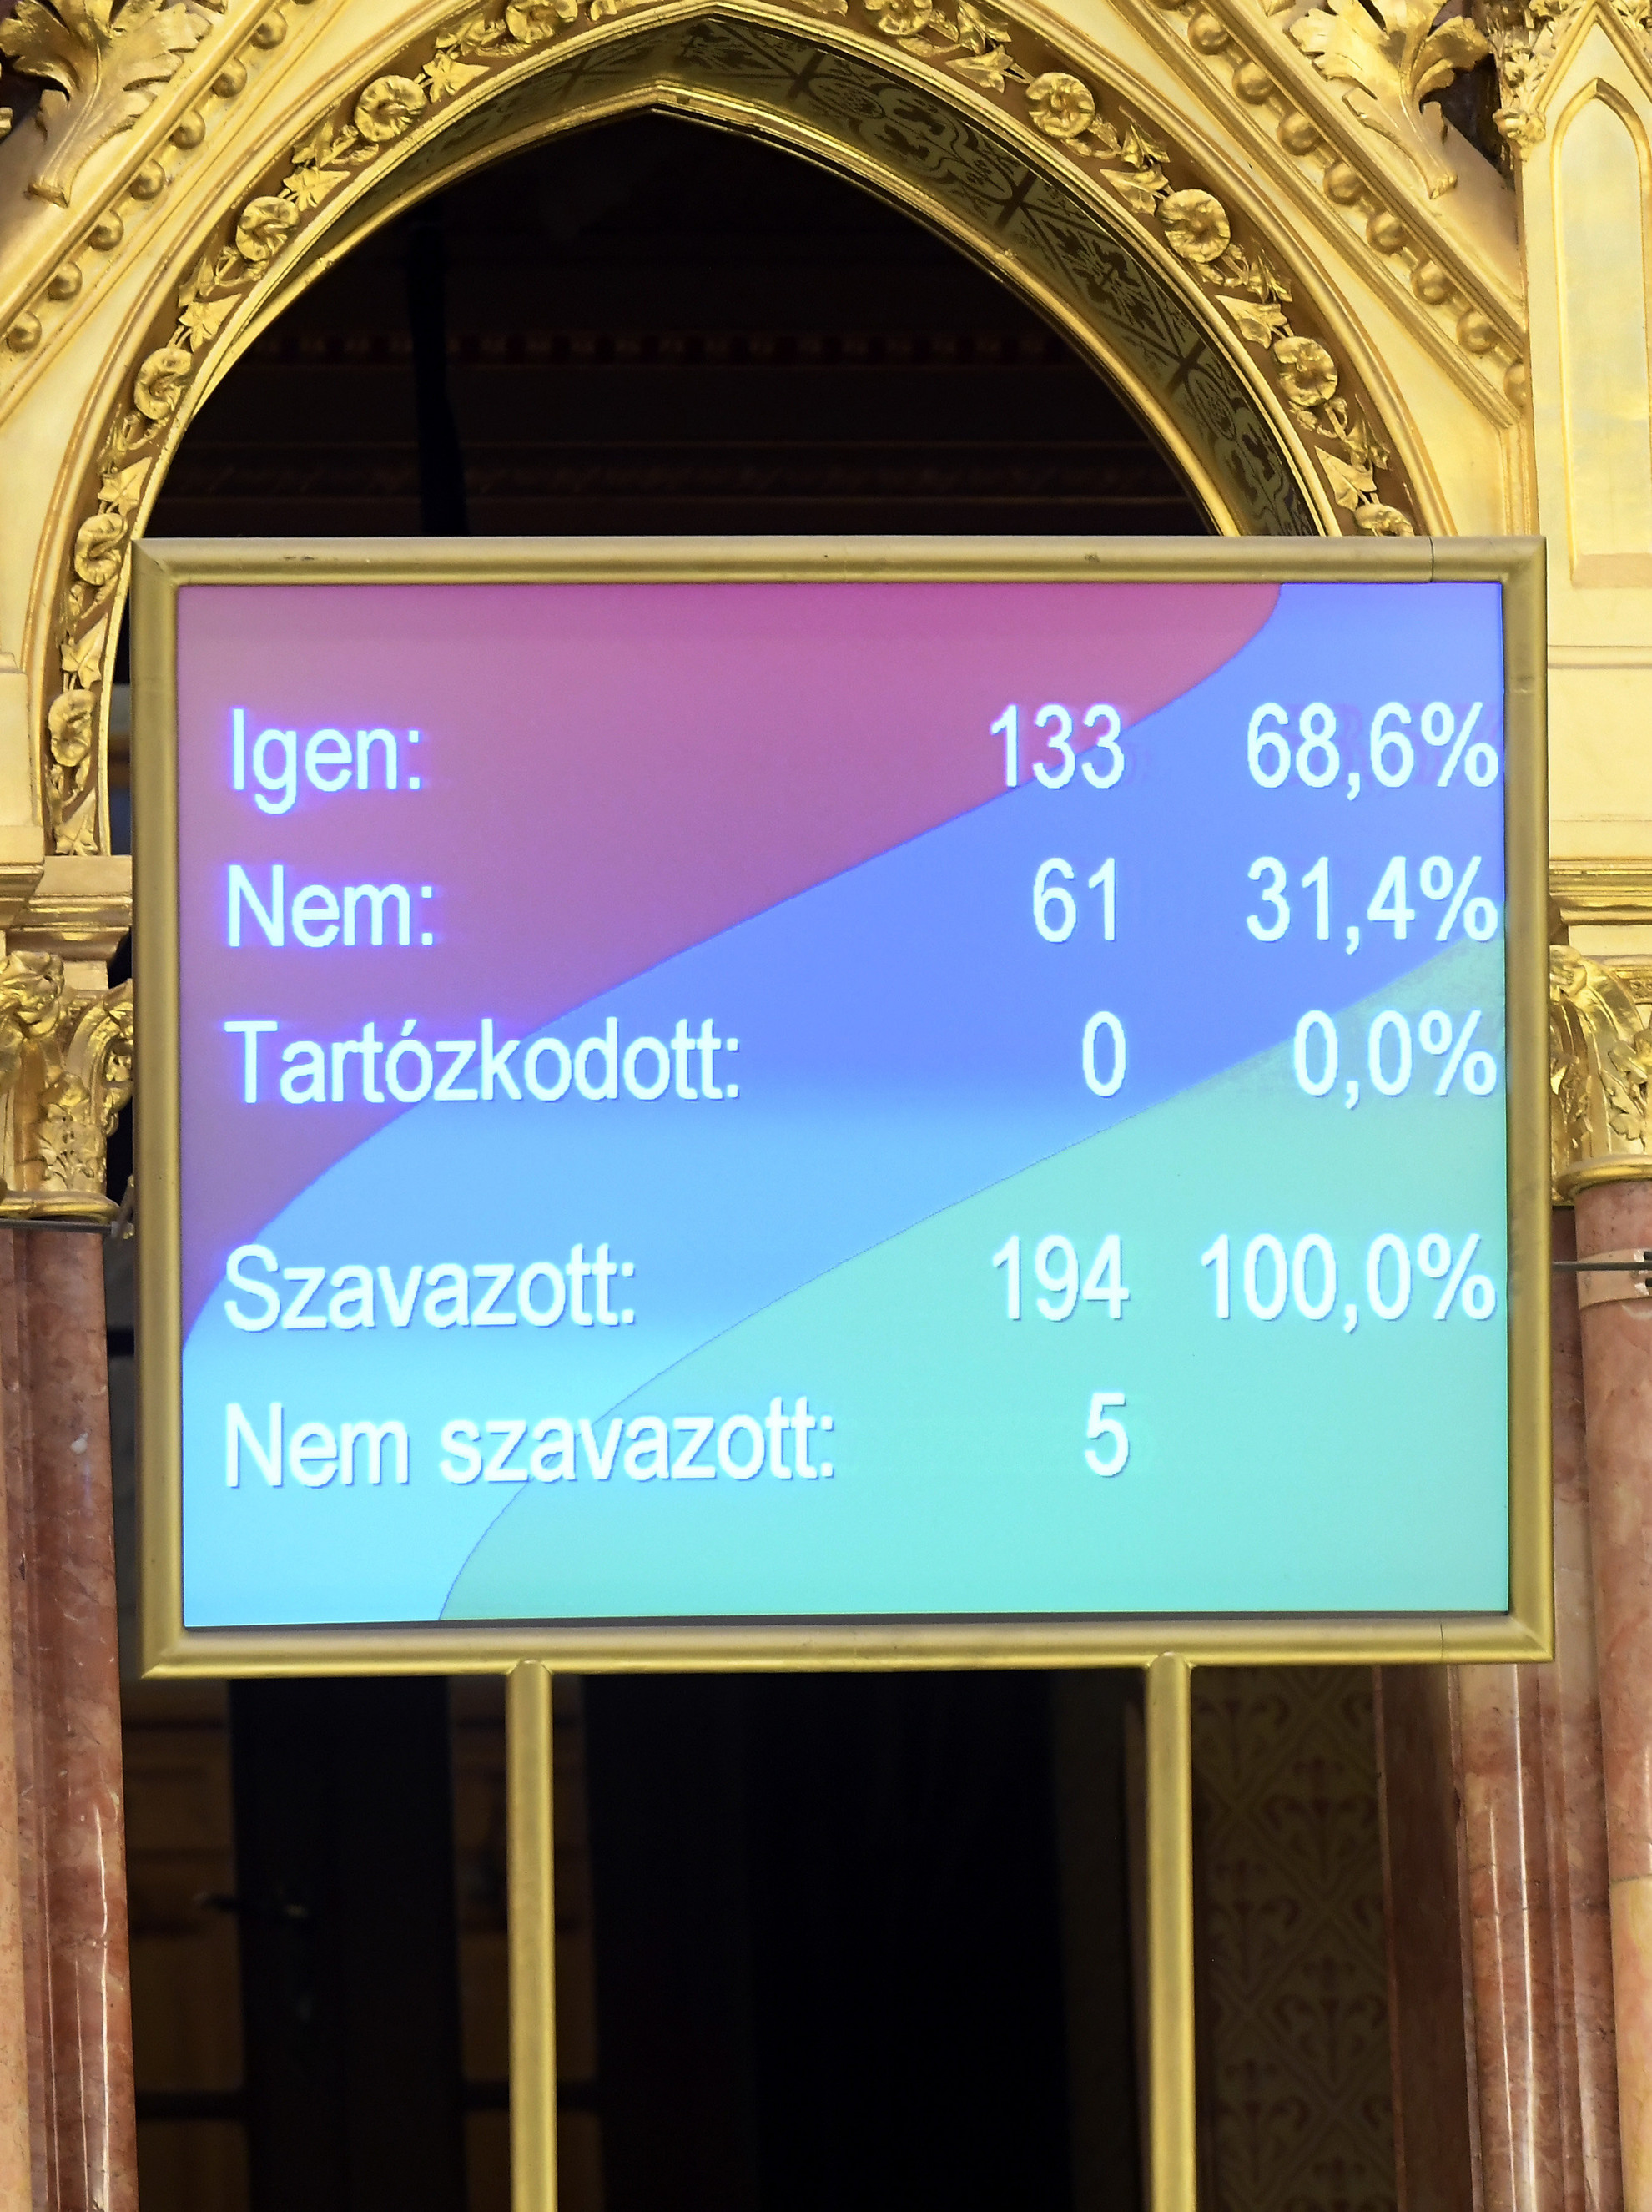 A 2021-es költségvetés elfogadásáról szóló szavazás eredménye a kijelzőn, az Országgyűlés plenáris ülésén